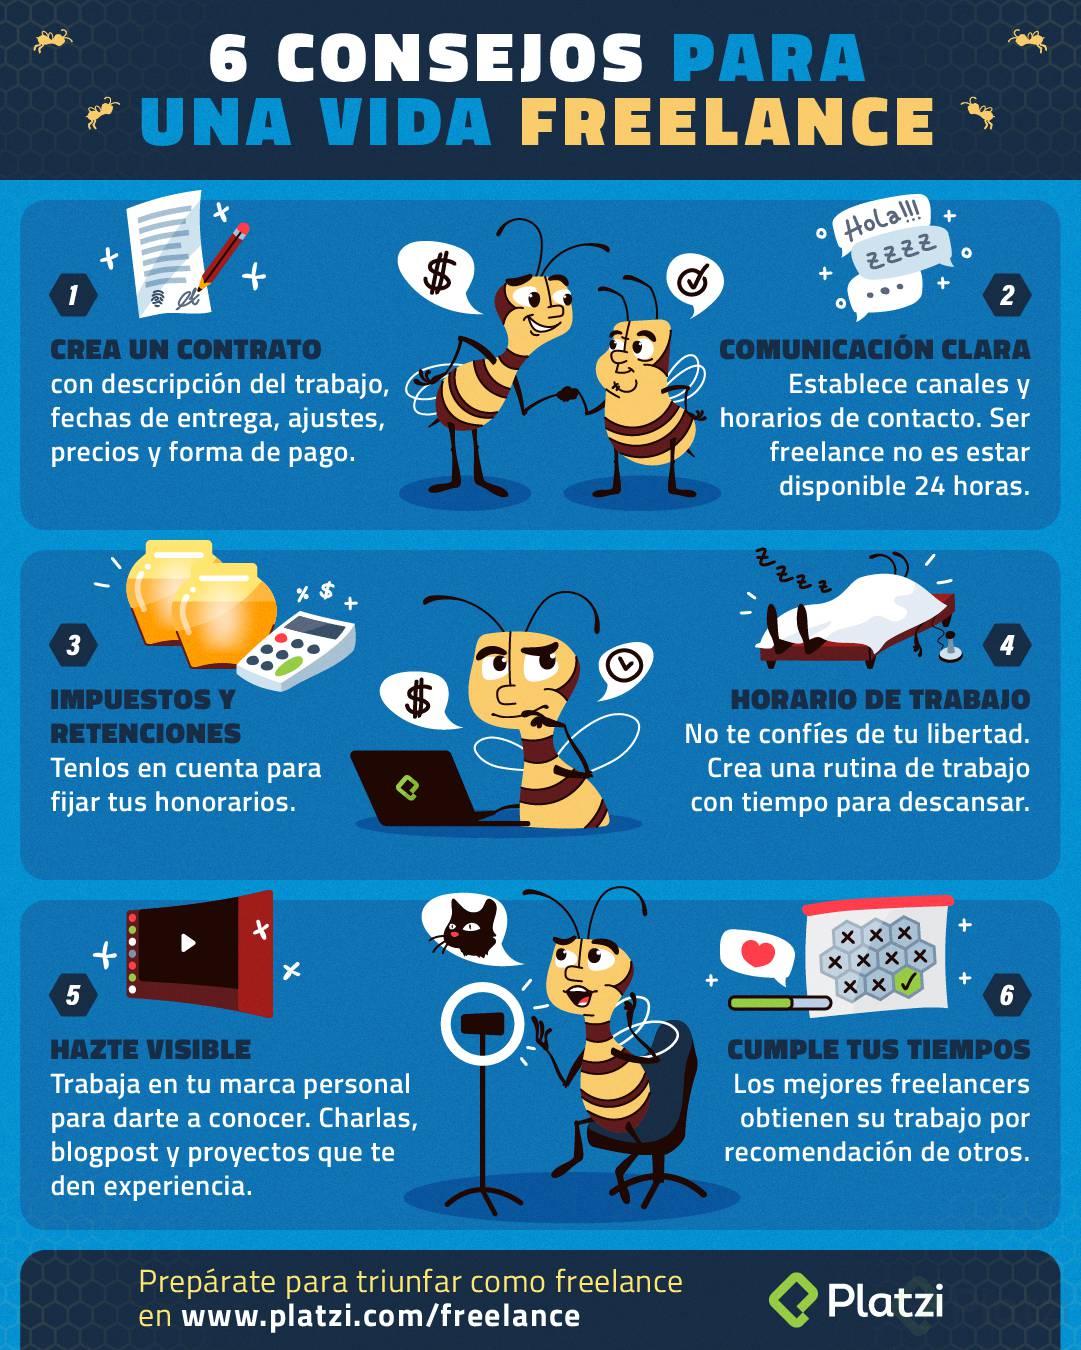 Infografia_6_consejos_para_una_vida_freelance.png